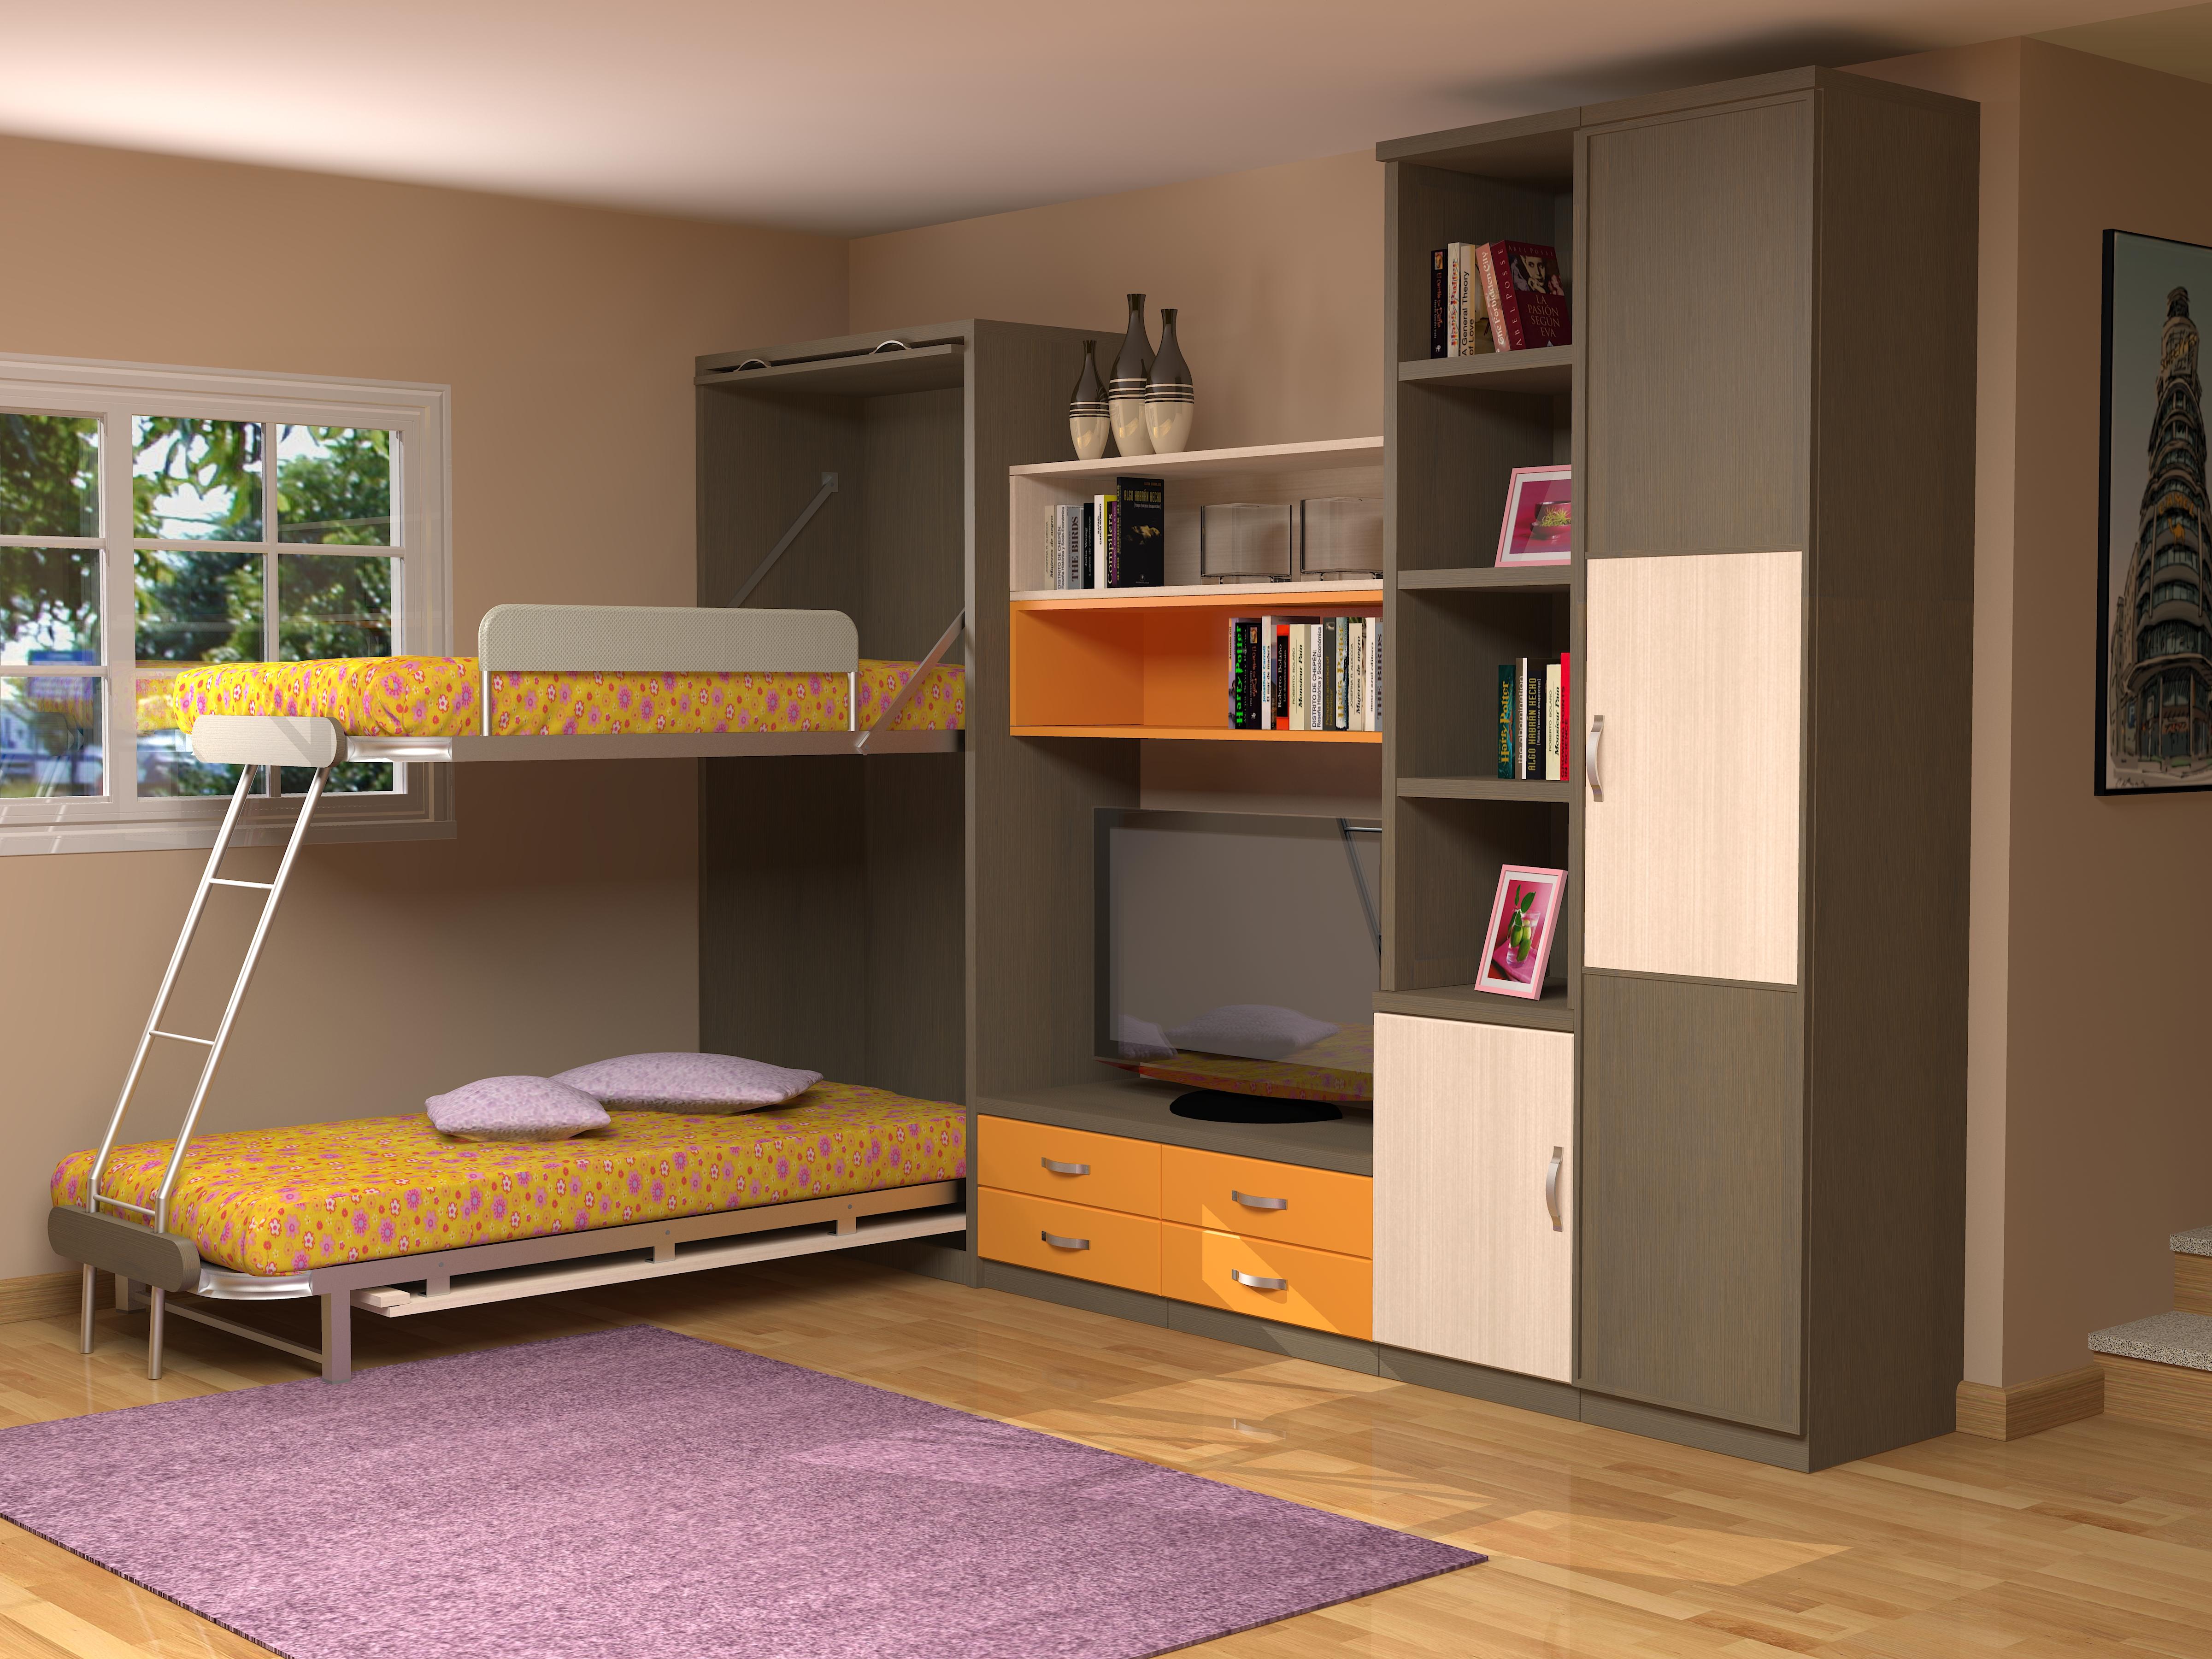 Soluciones de espacio en juveniles kimobel dise o - Soluciones para dormir ...